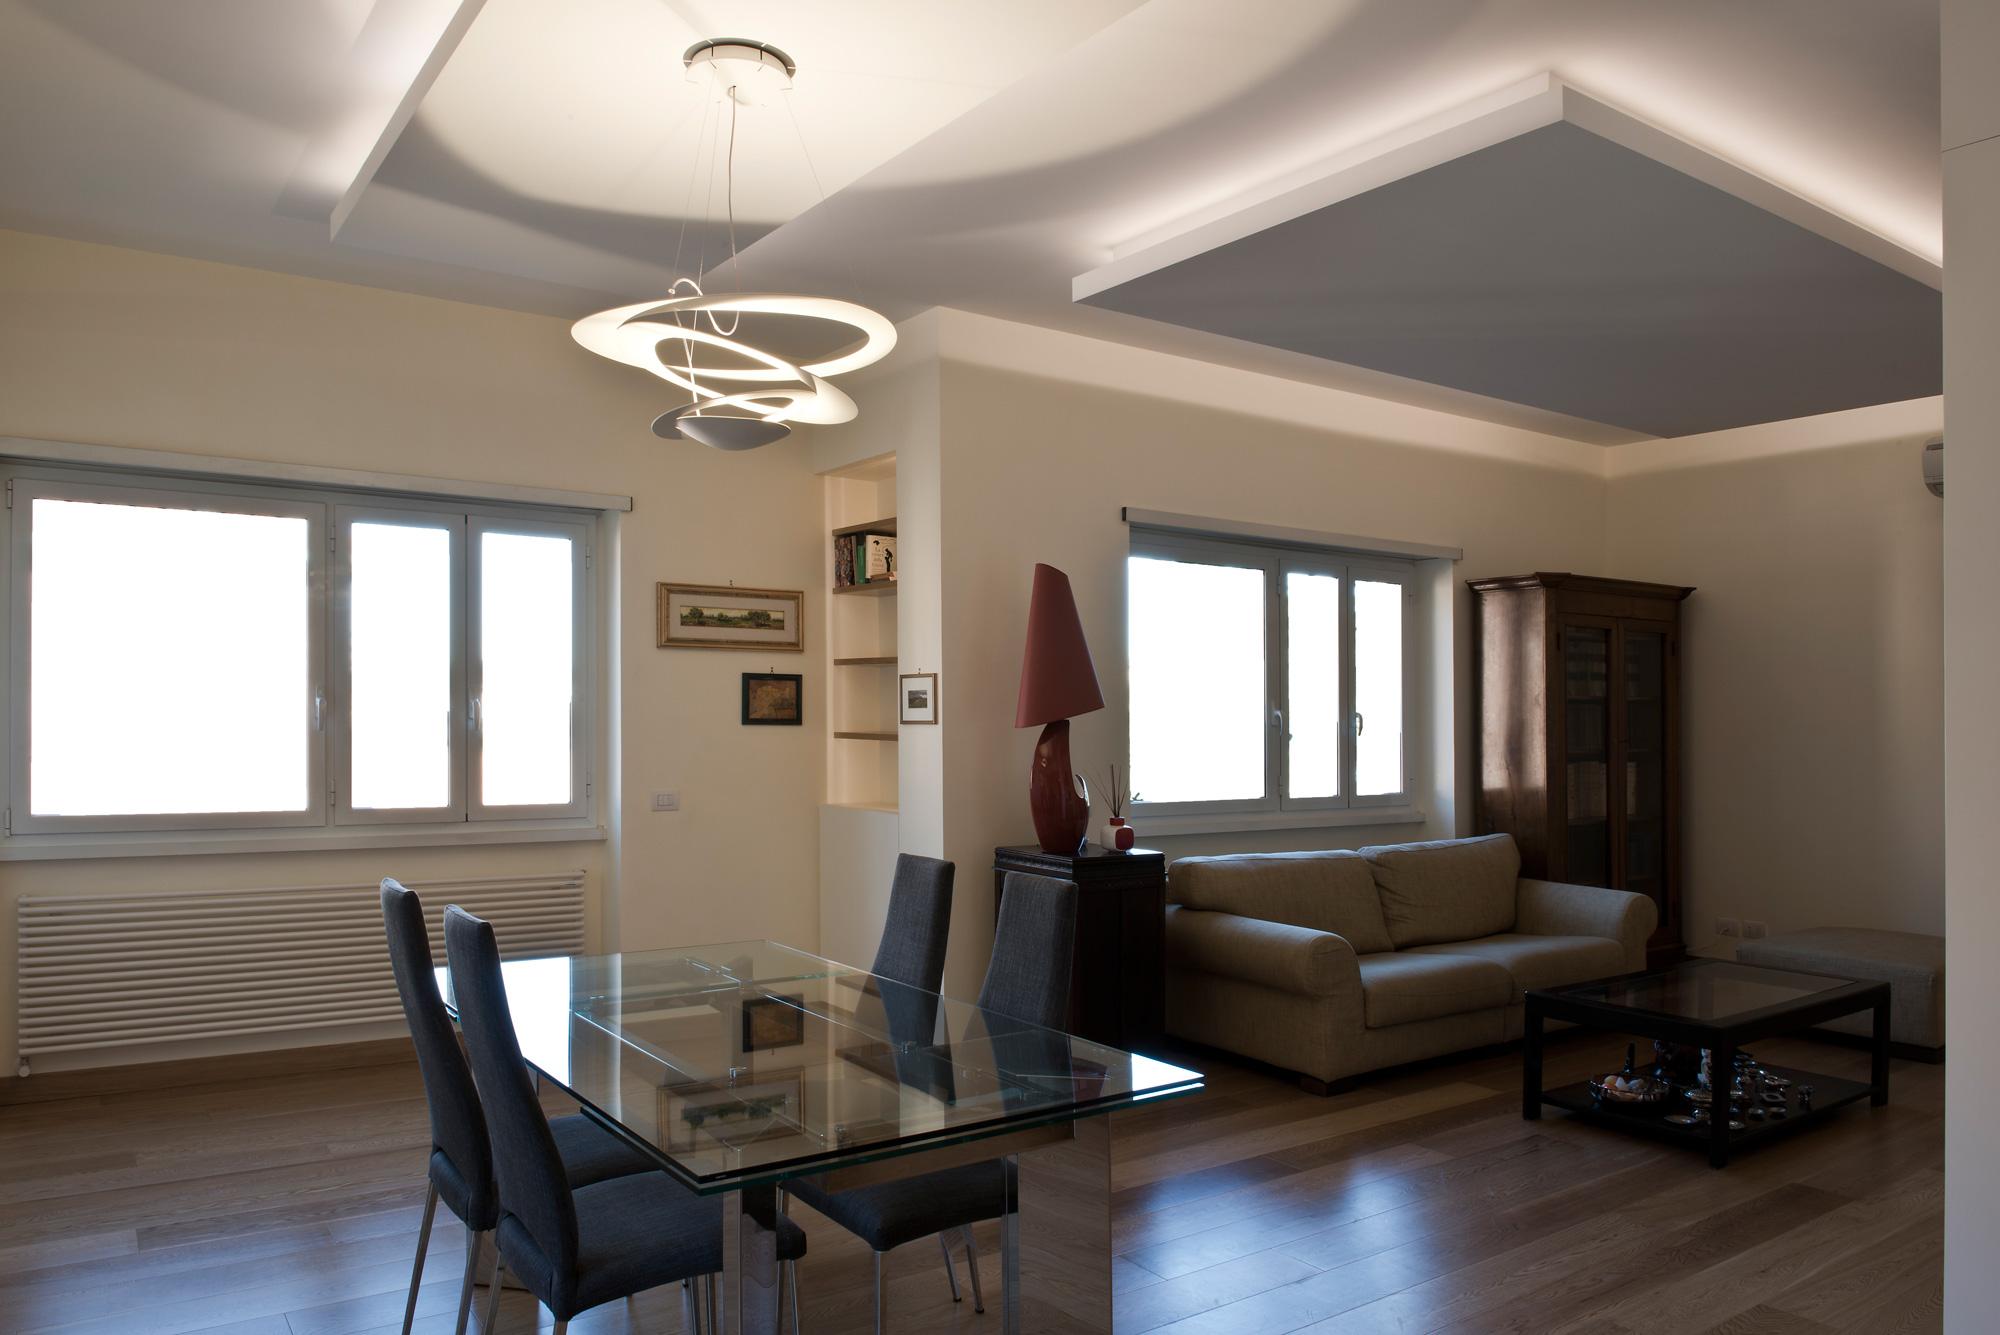 Archibit generation s r l interior design - Corsi interior design roma ...